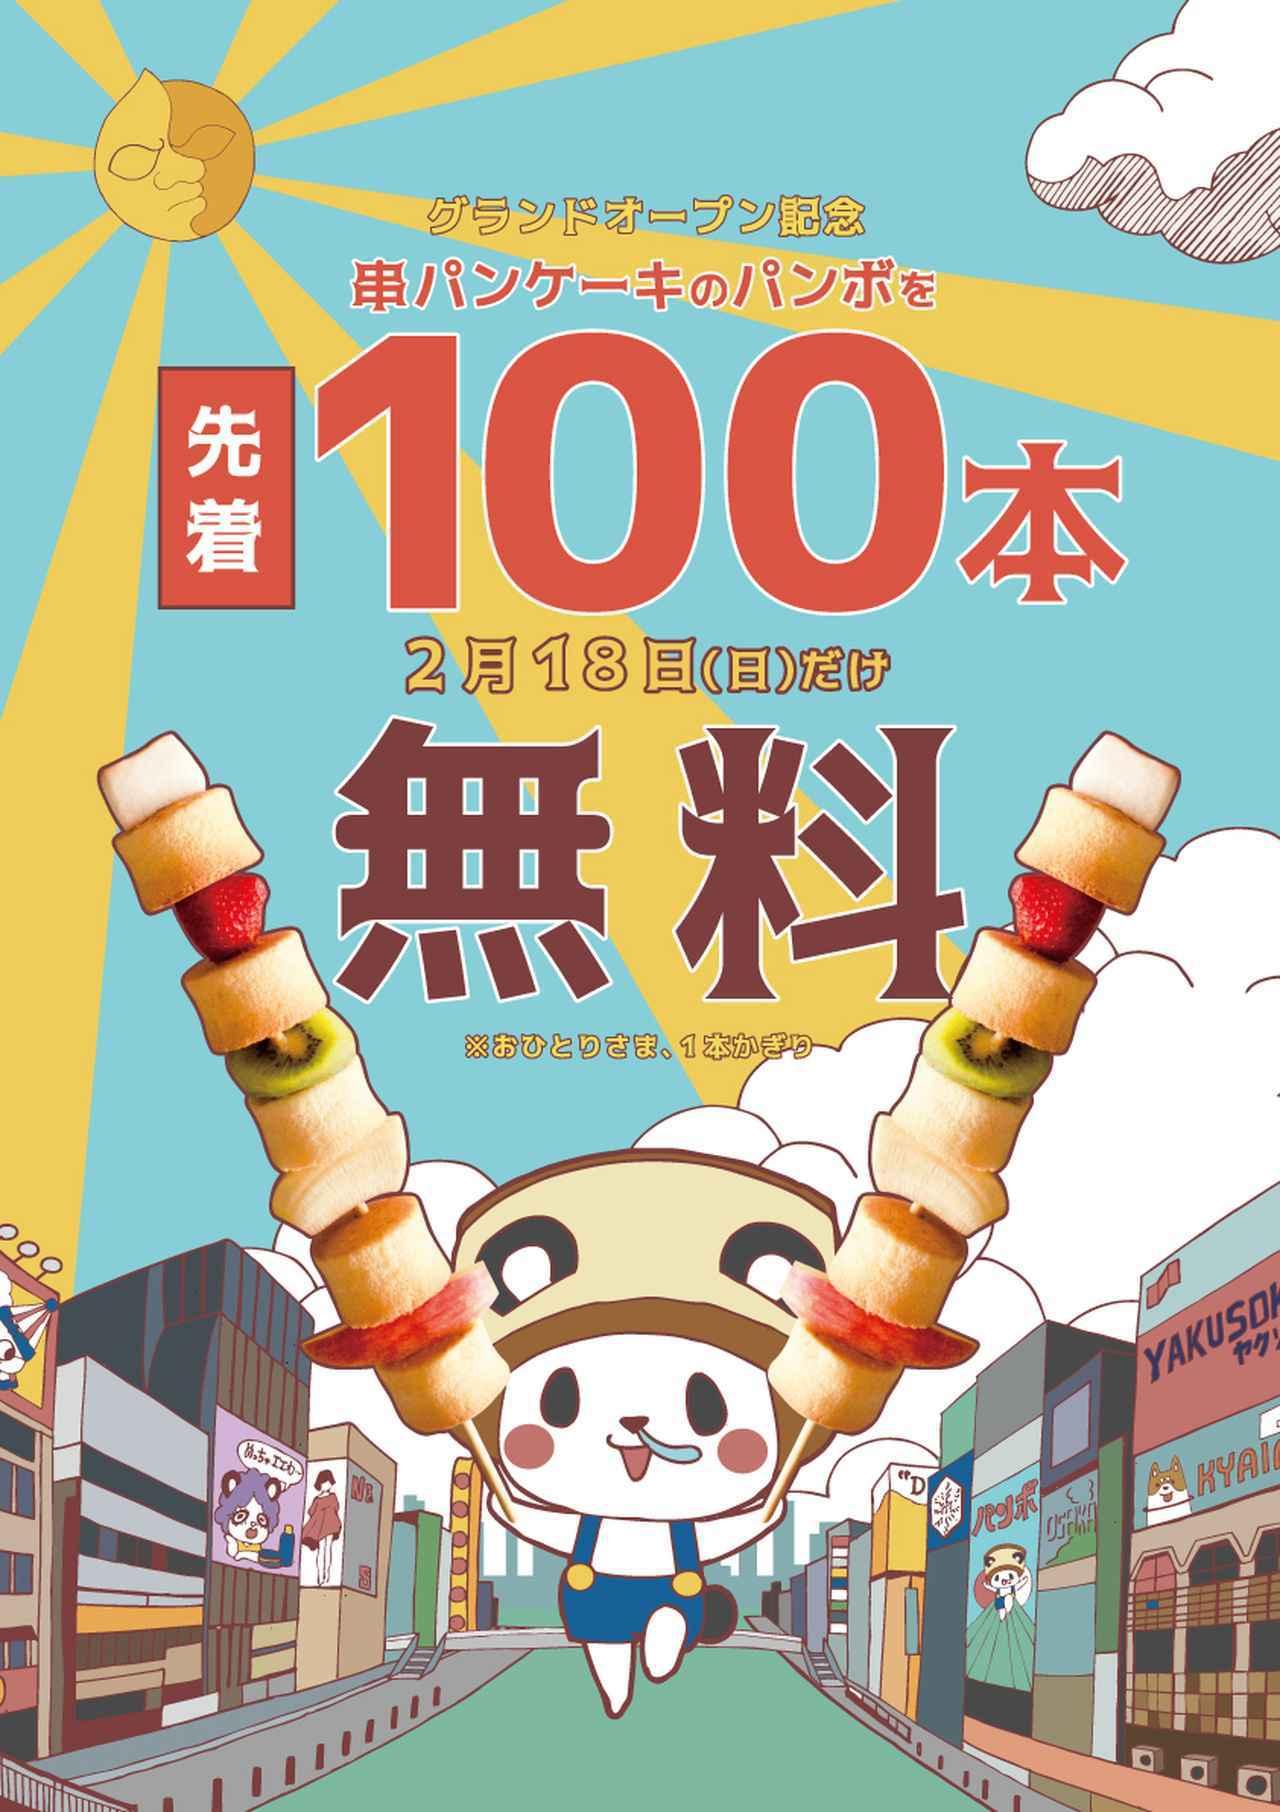 画像1: オープン記念!先着100本無料サービス!